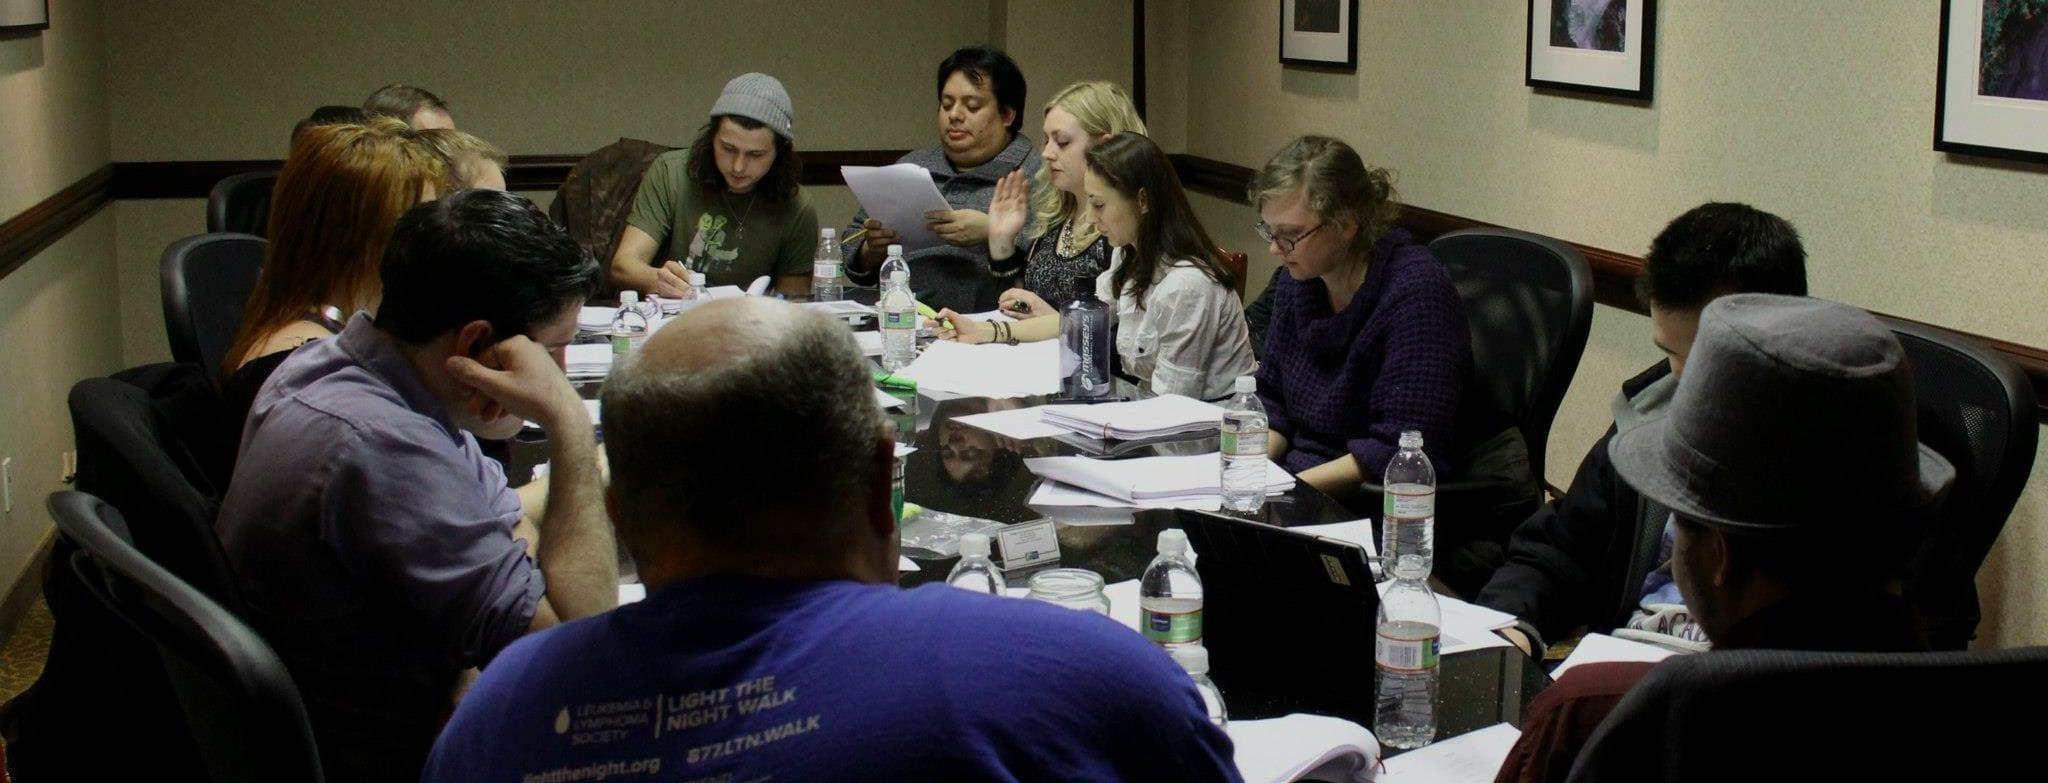 Film-making Team Read-through of Feature Film Script